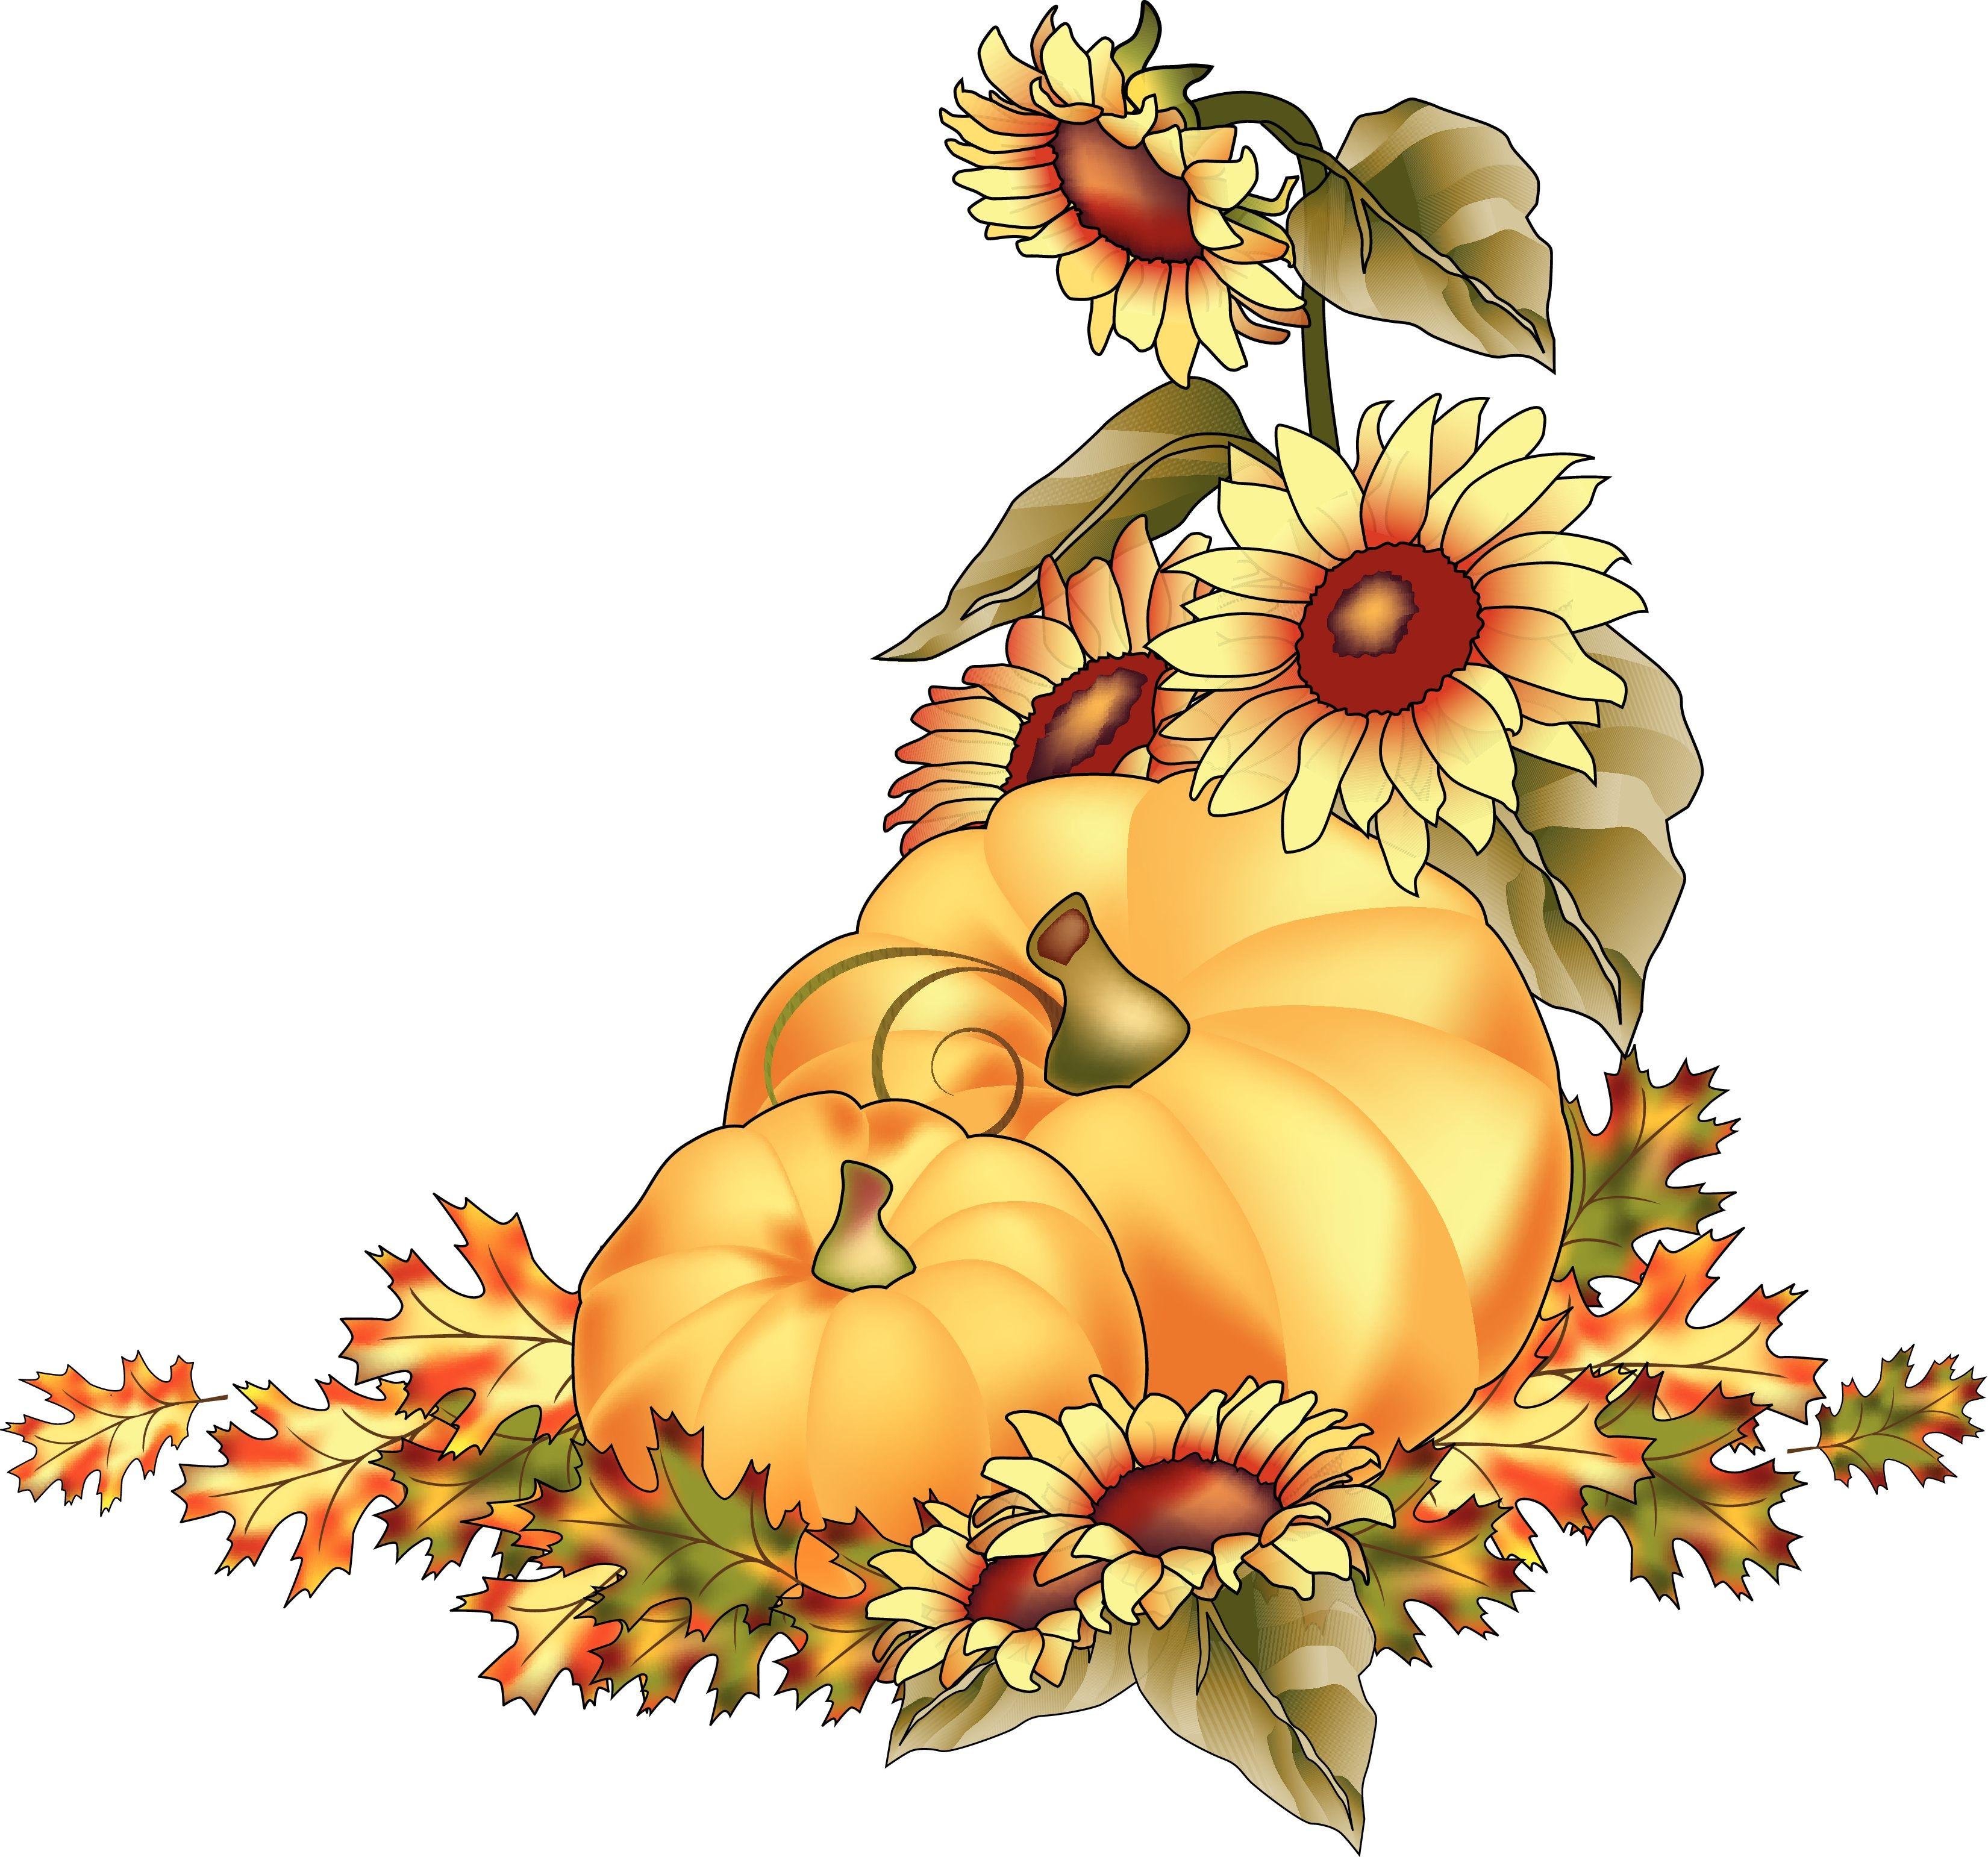 Sunflower Clip Art Free Beautiful Fall Pumpkin Clip Art Pumpkins at Harvest Color Clipart